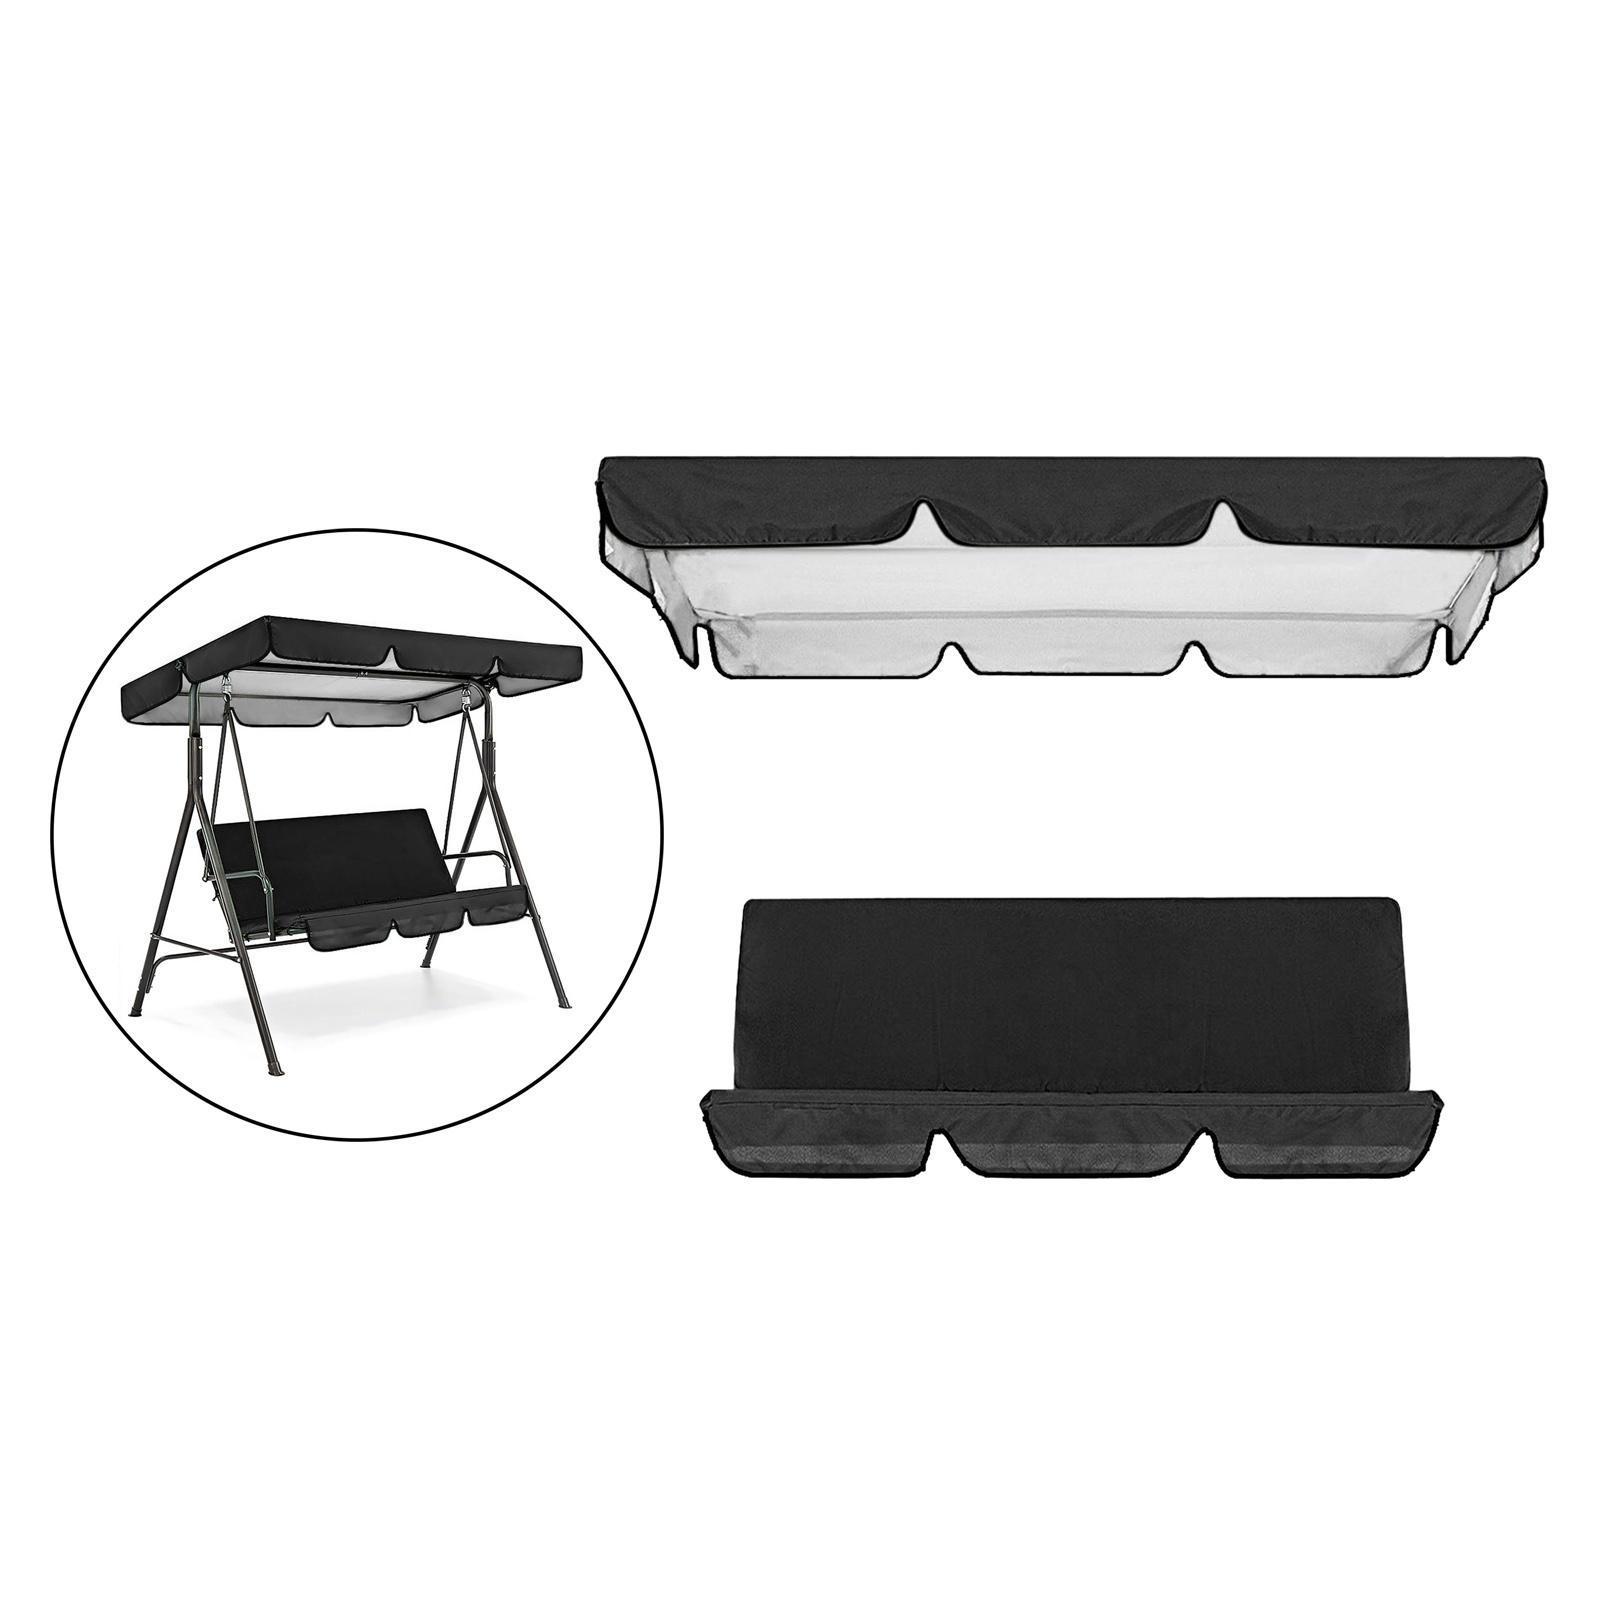 miniatura 13 - Coprisedile di ricambio per amaca per sedia a dondolo da esterno per patio